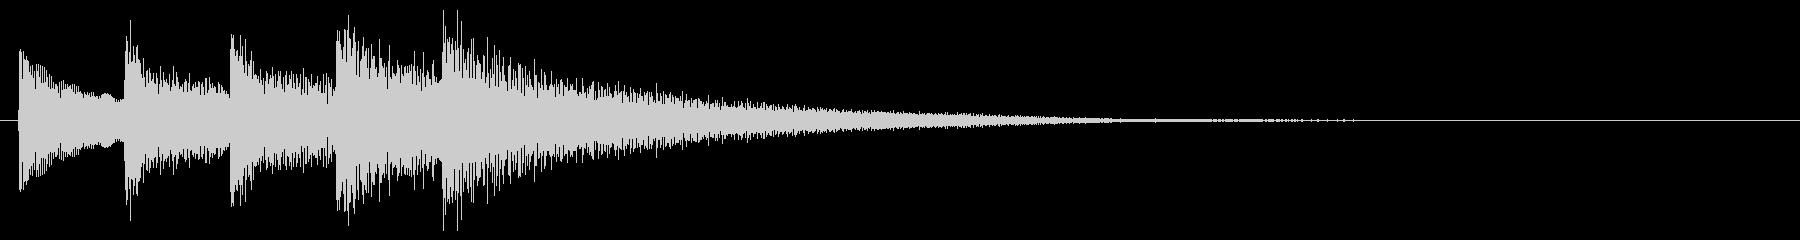 和風効果音 琴 短めなフレーズ E2の未再生の波形